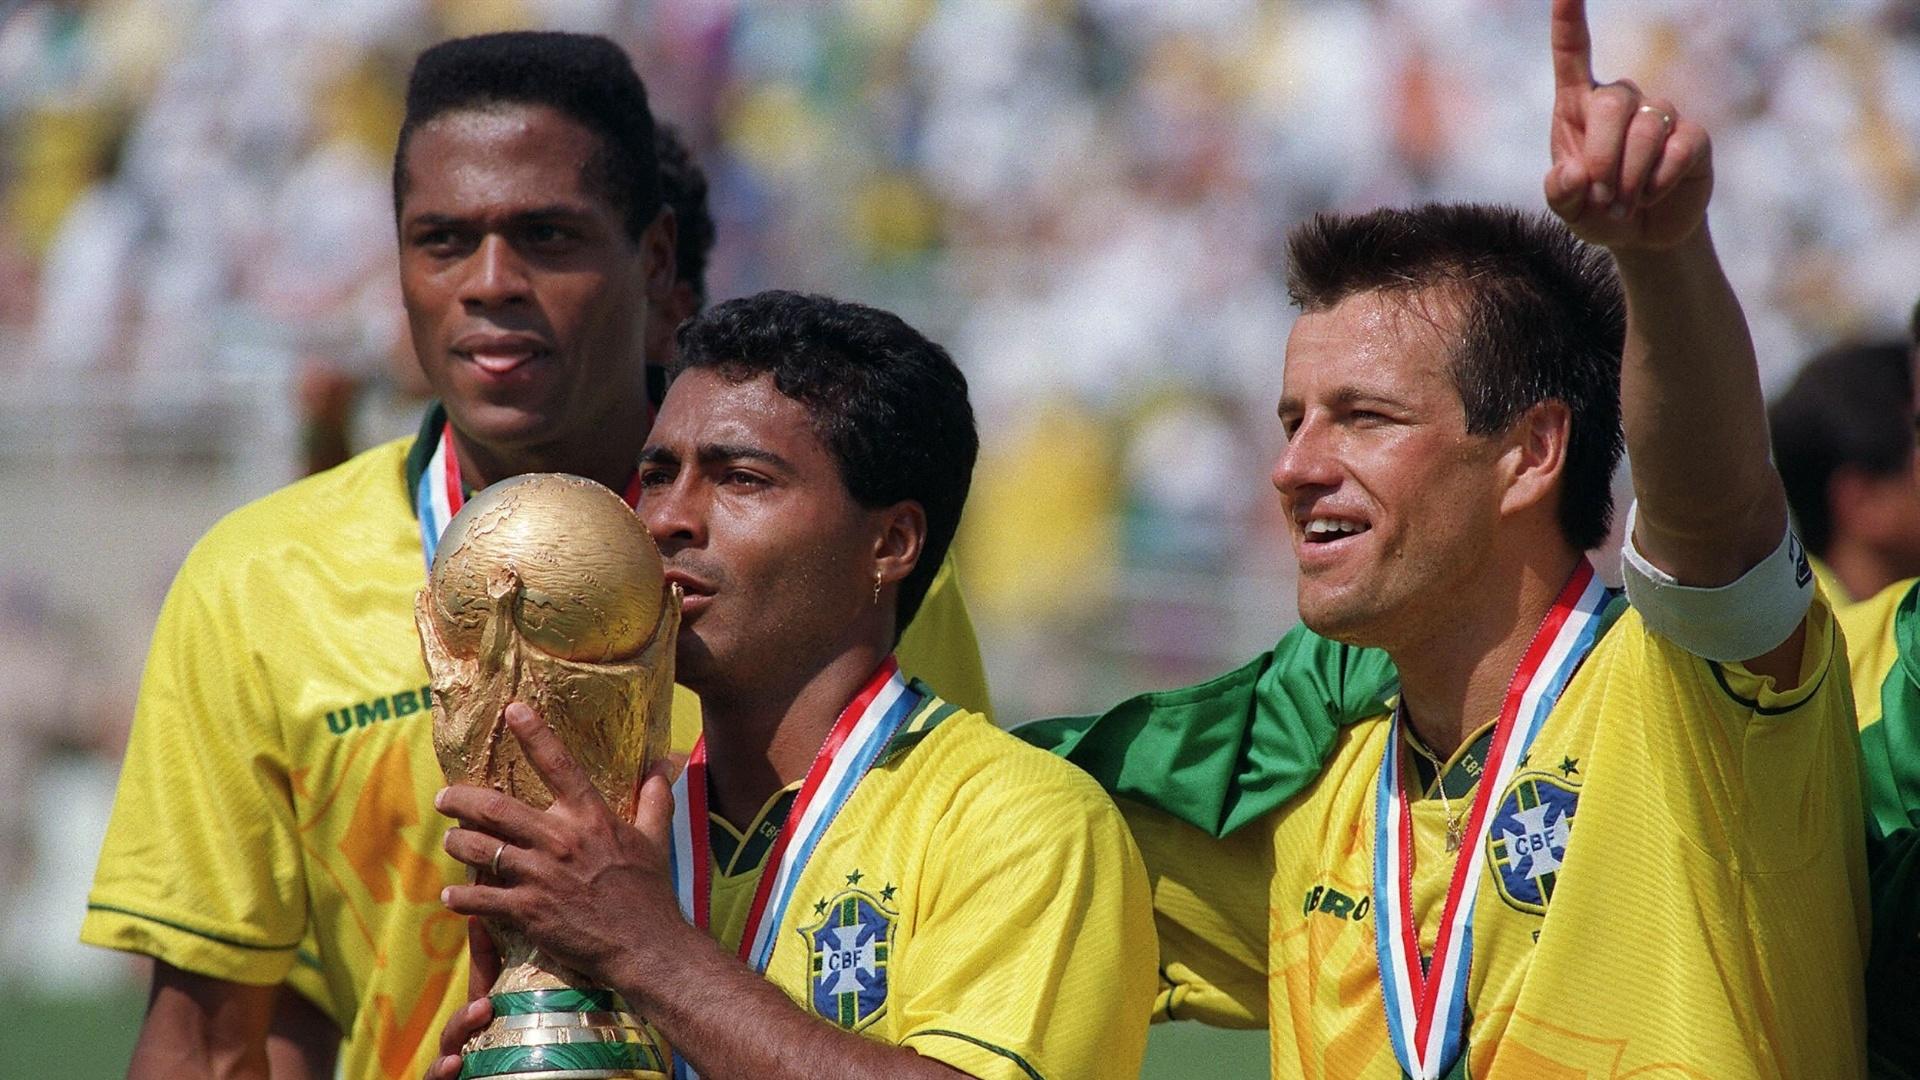 O Brasil tetracampeão de 1994 nos EUA também levava a marca da Umbro na camisa